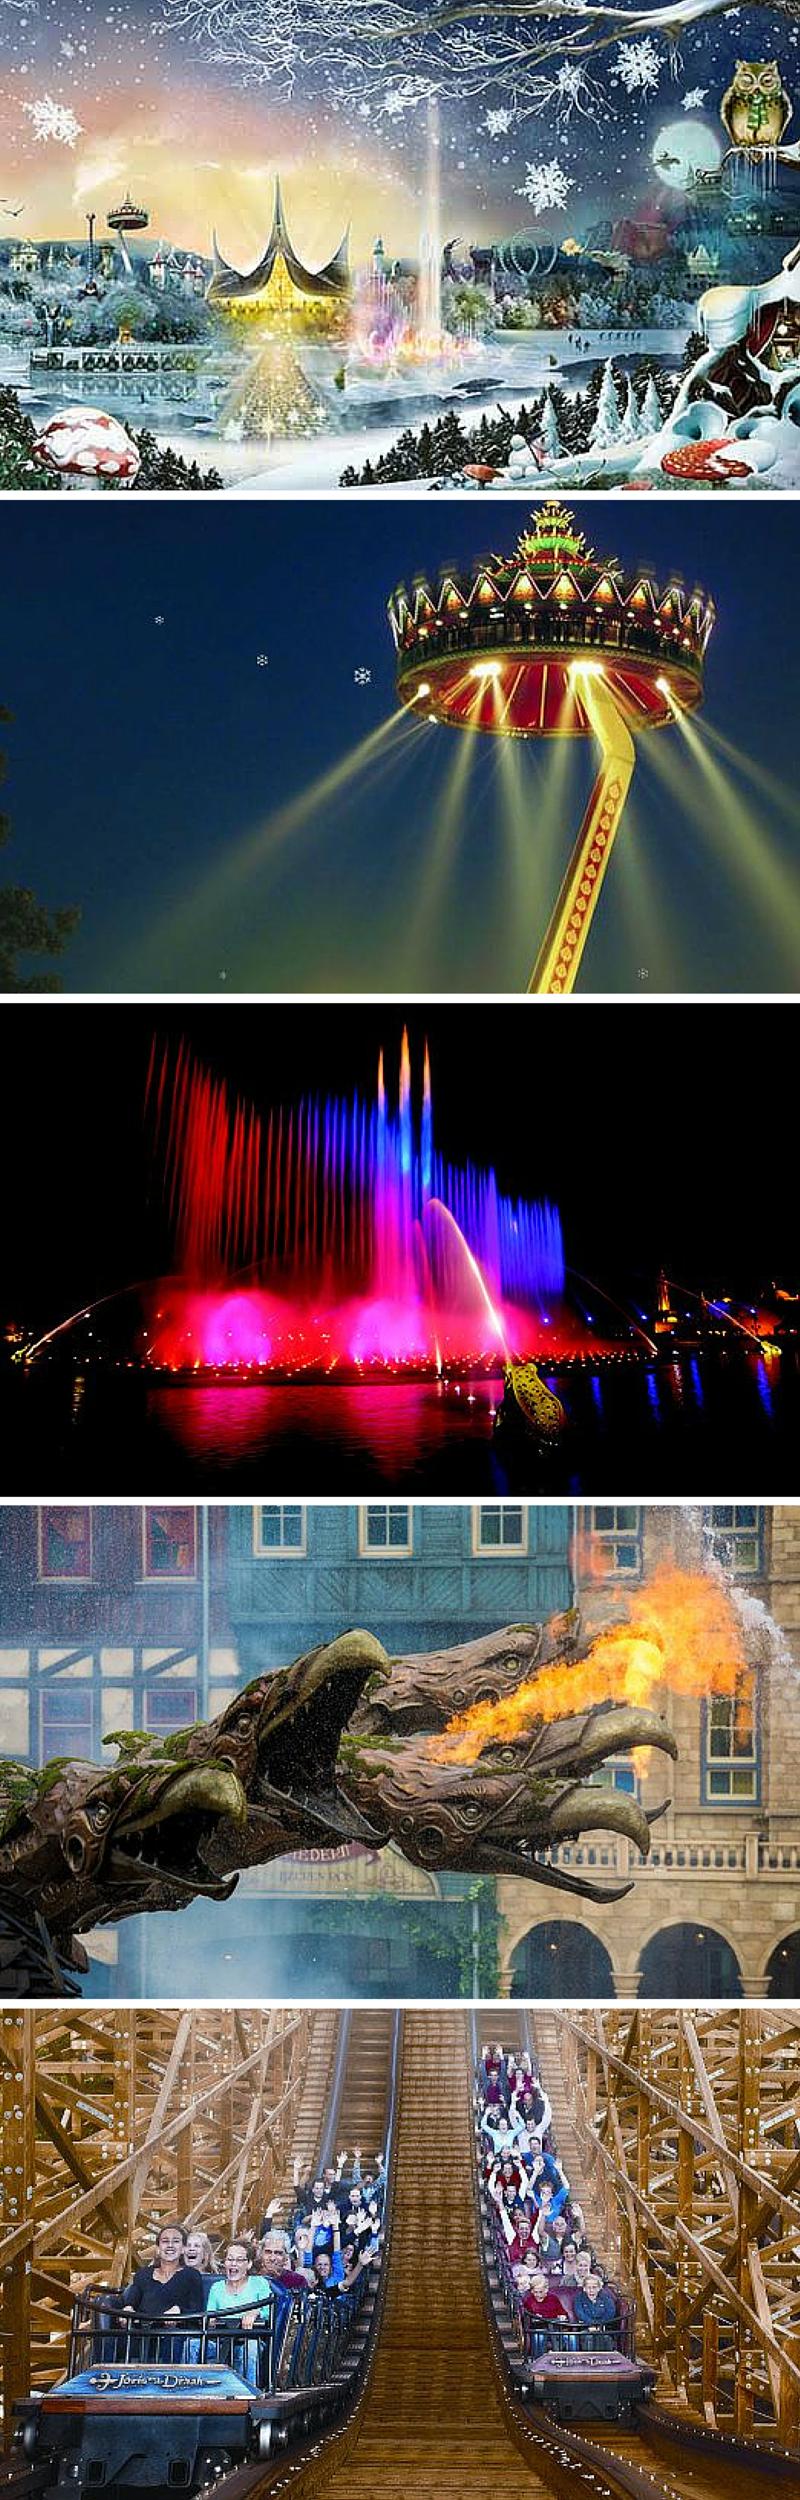 Lasst euch verzaubern in der Märchenwelt des Freizeitpark Efteling in den Niederlanden, auch hier findet ab 12.11. bis 31.01. ein Winter Spezial statt ---> http://www.reiseuhu.de/?p=7608 #Efteling